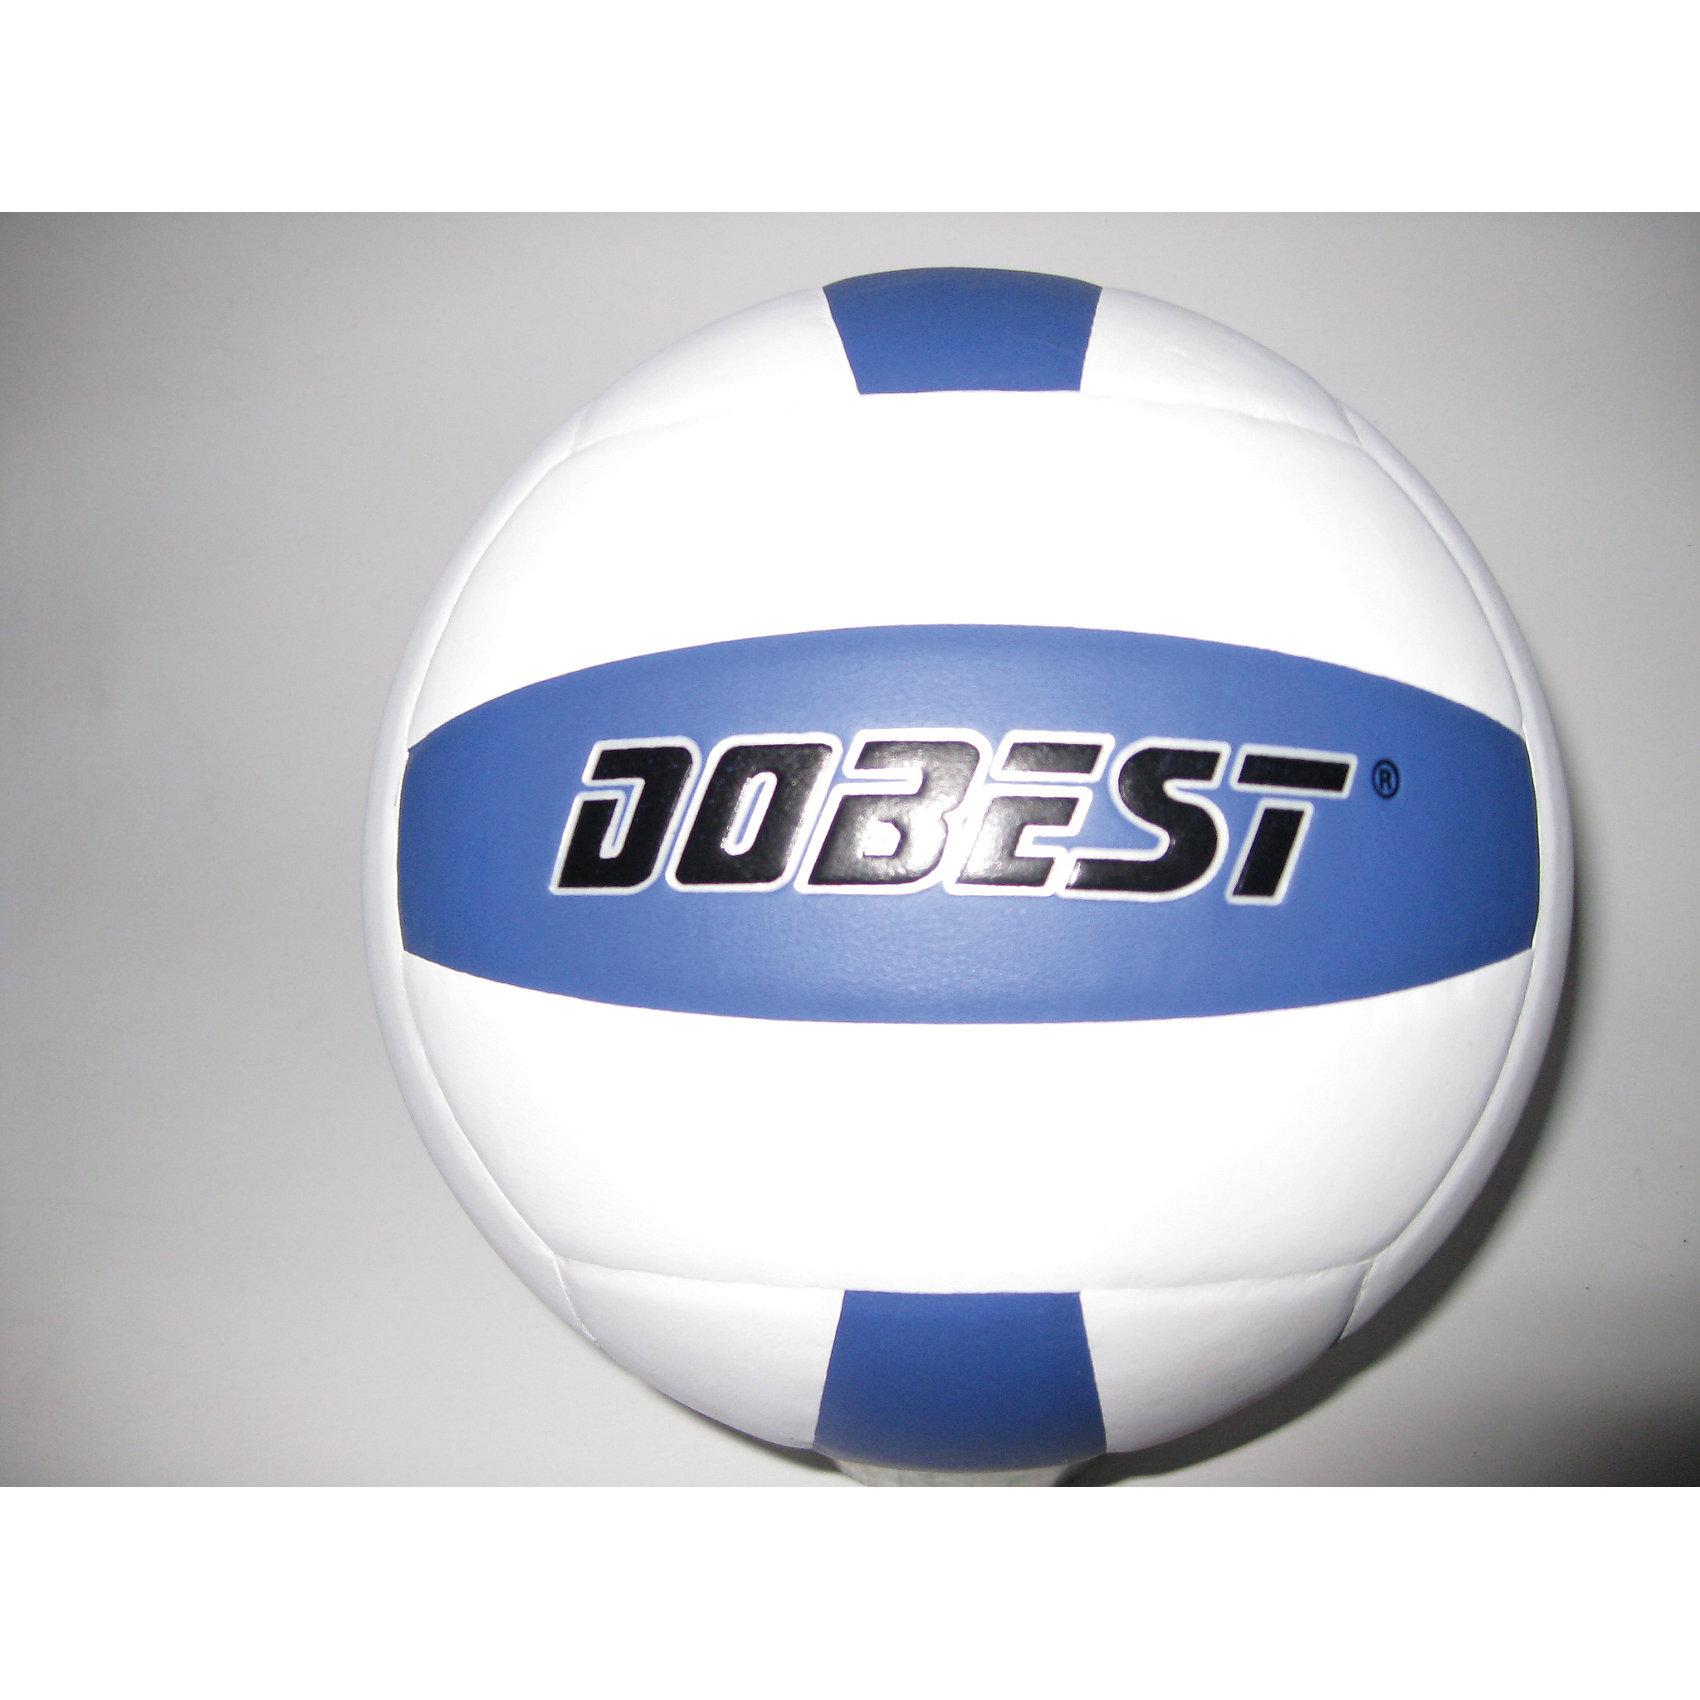 Волейбольный мяч SU300 клееный, DobestМячи детские<br>Основные характеристики<br><br>Вид: волейбольный<br>Уровень игры: любительский<br>Размер: 5<br>Количество панелей: 18<br>Количество слоев: 4<br>Вес: 260-280гр<br>Тип соединения панелей: клееный<br>Материал камеры: резина<br>Материал: синтетическая кожа<br>Цвет основной: белый<br>Цвет дополнительный: синий<br>Подходит для игры на улице и в зале<br>Страна-производитель: Китай <br>Упаковка: пакет (поставляется в сдутом виде)<br><br>Ширина мм: 75<br>Глубина мм: 210<br>Высота мм: 210<br>Вес г: 0<br>Возраст от месяцев: 36<br>Возраст до месяцев: 192<br>Пол: Унисекс<br>Возраст: Детский<br>SKU: 5056640